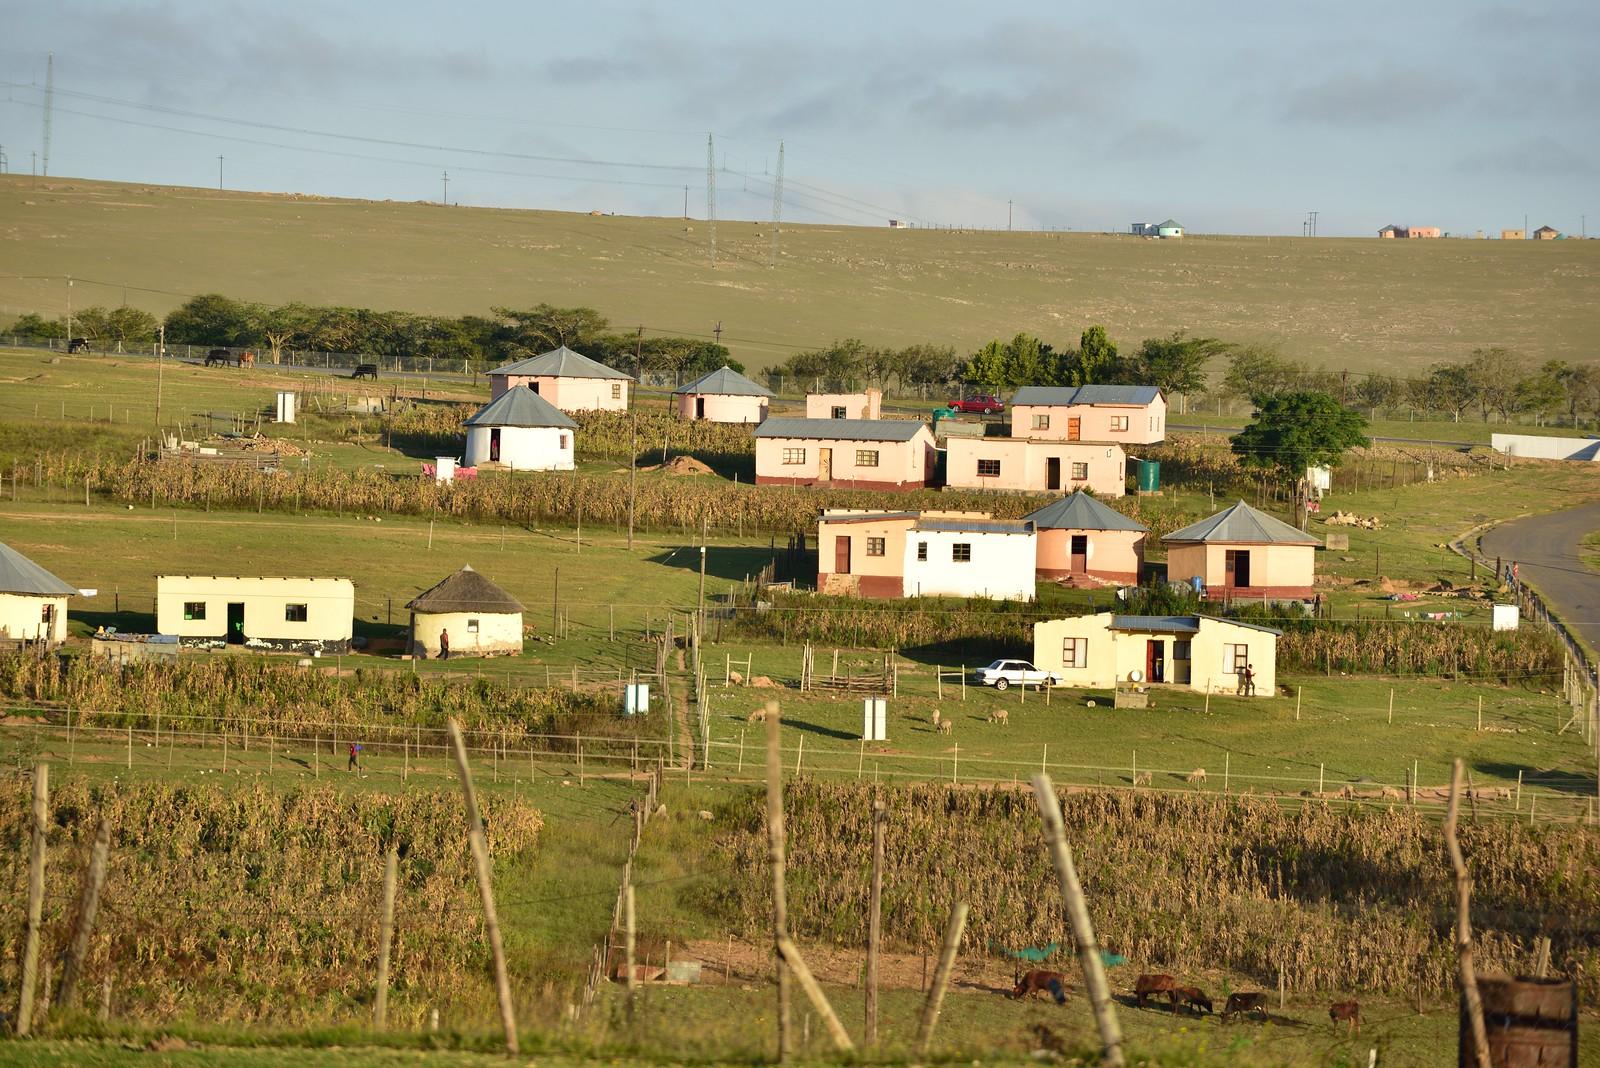 Qunu, Eastern Cape, South Africa